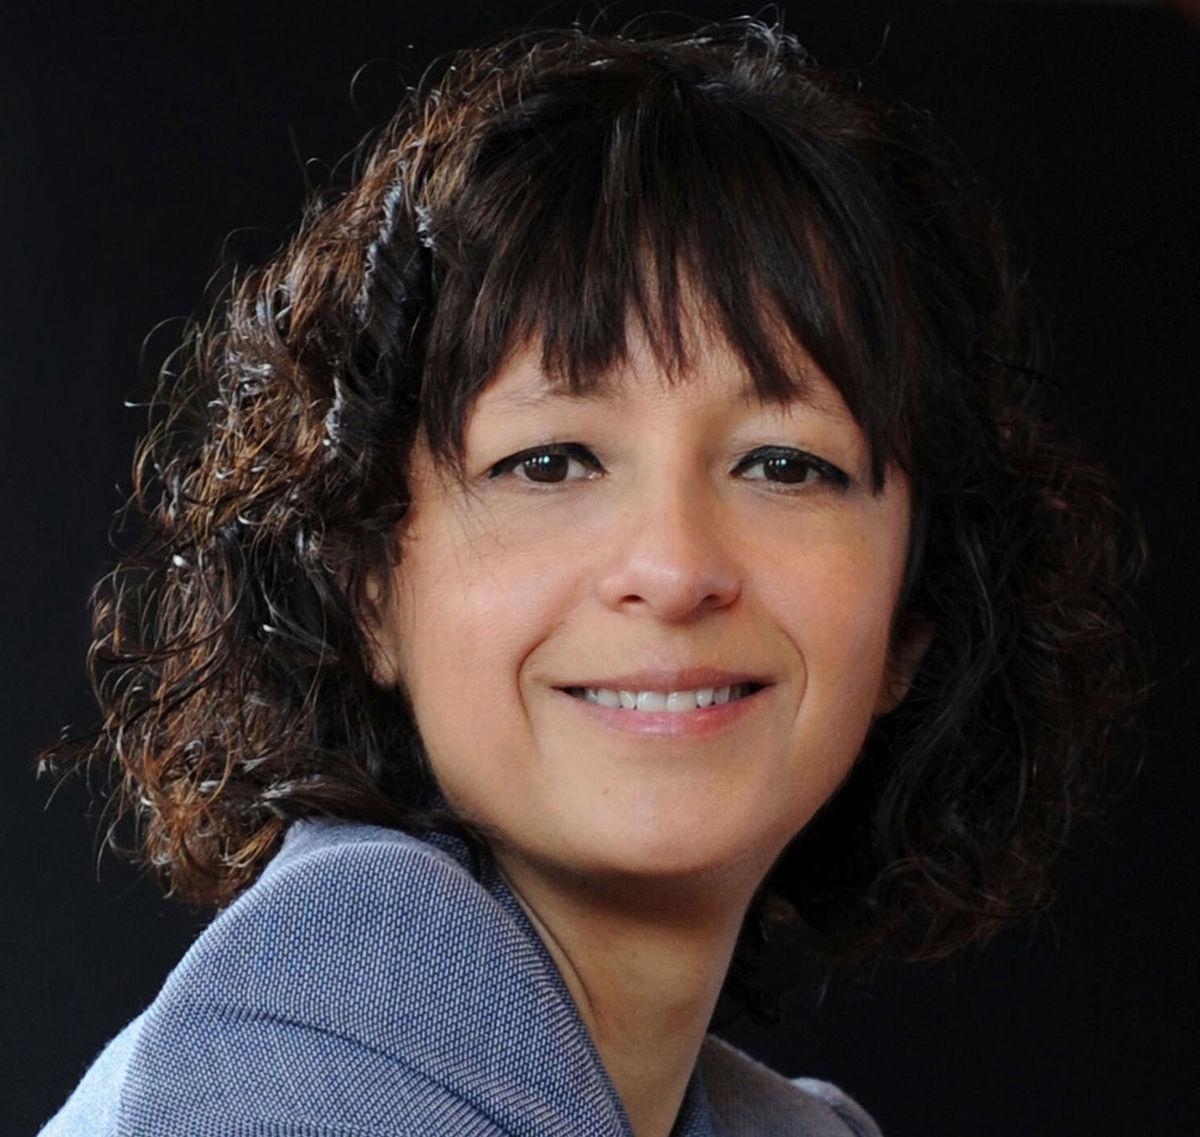 Emmanuelle Charpentier - Wikipedia